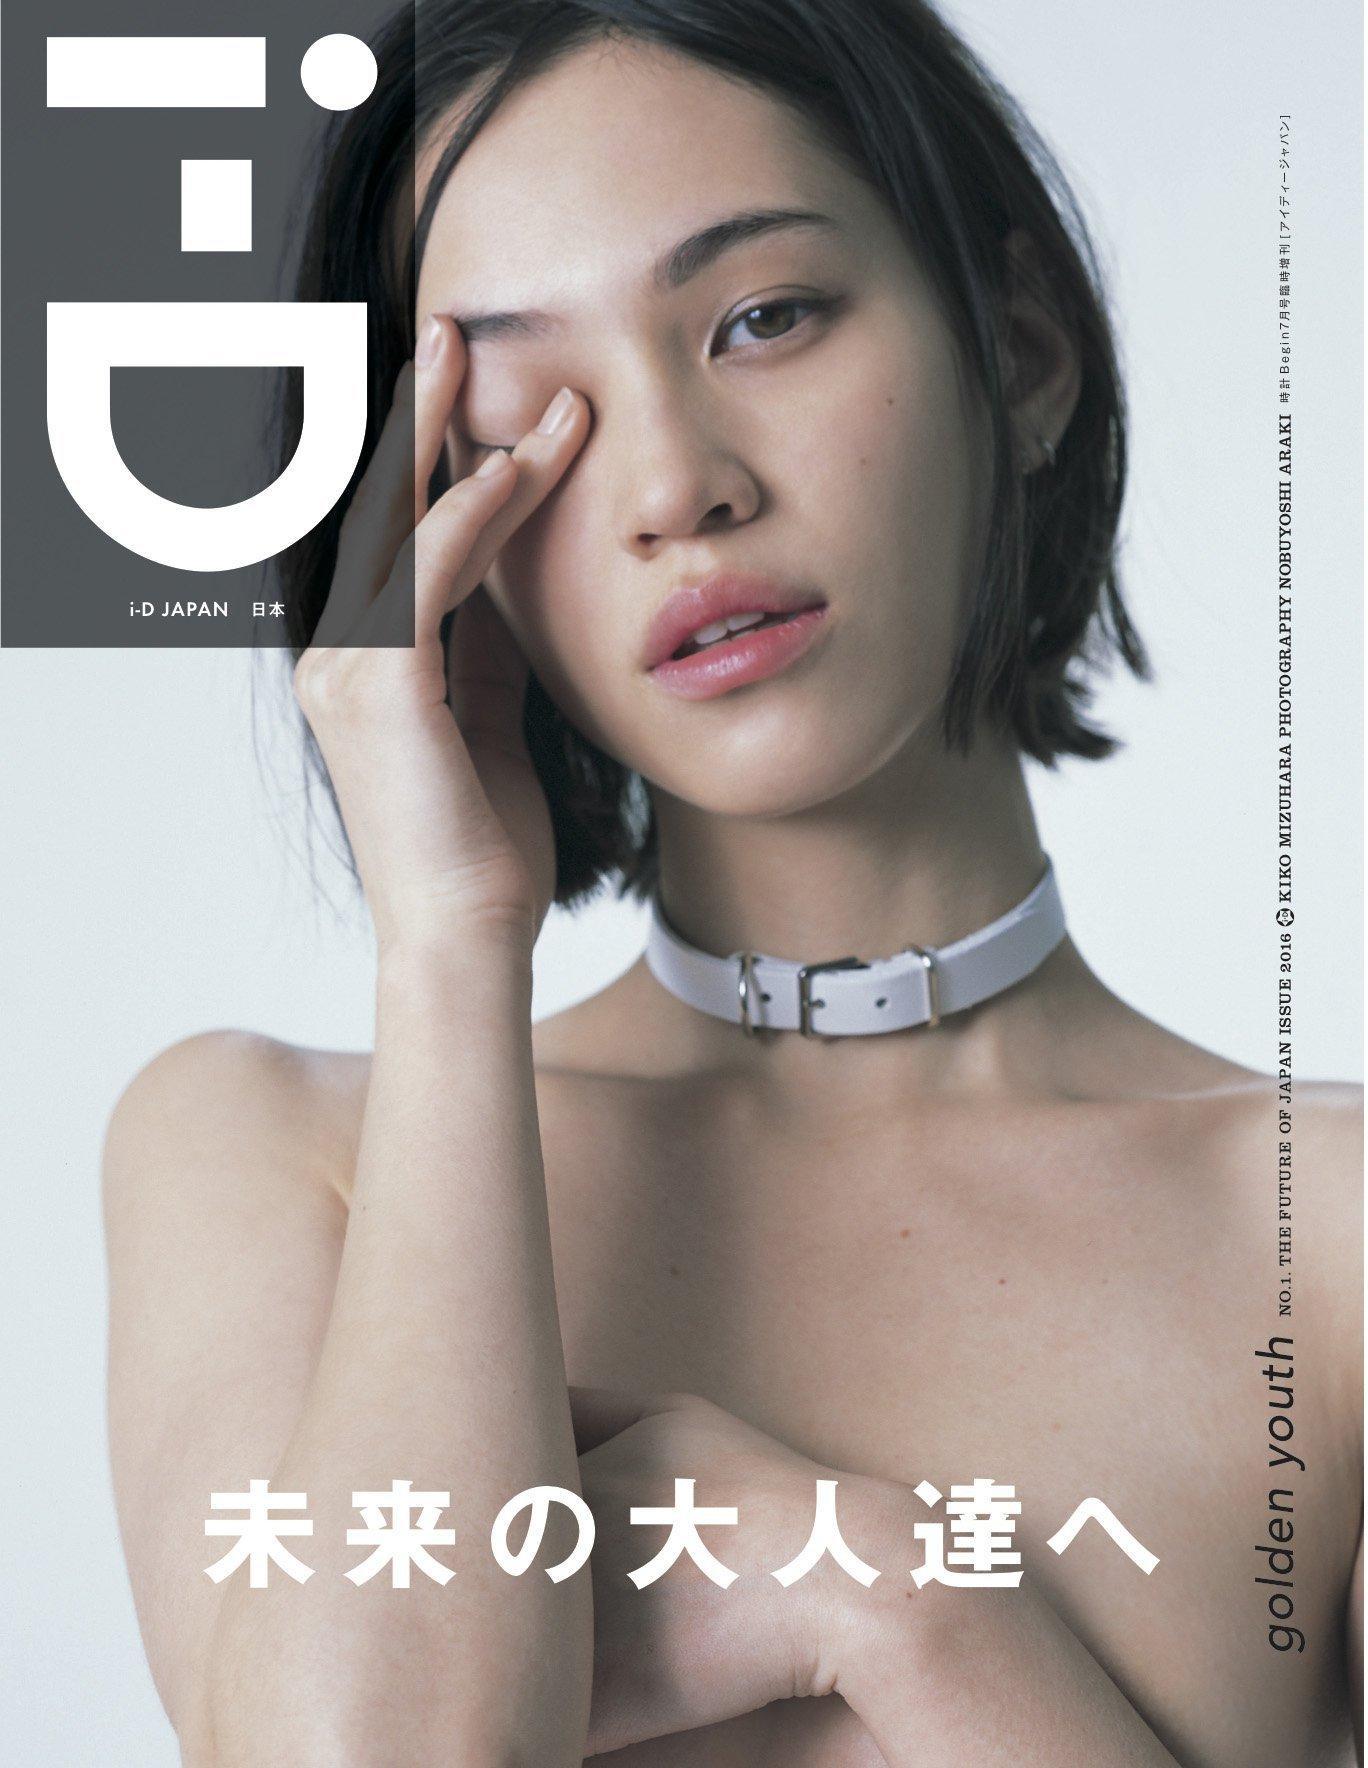 http://tablo.jp/media/img/mizuhara.jpg